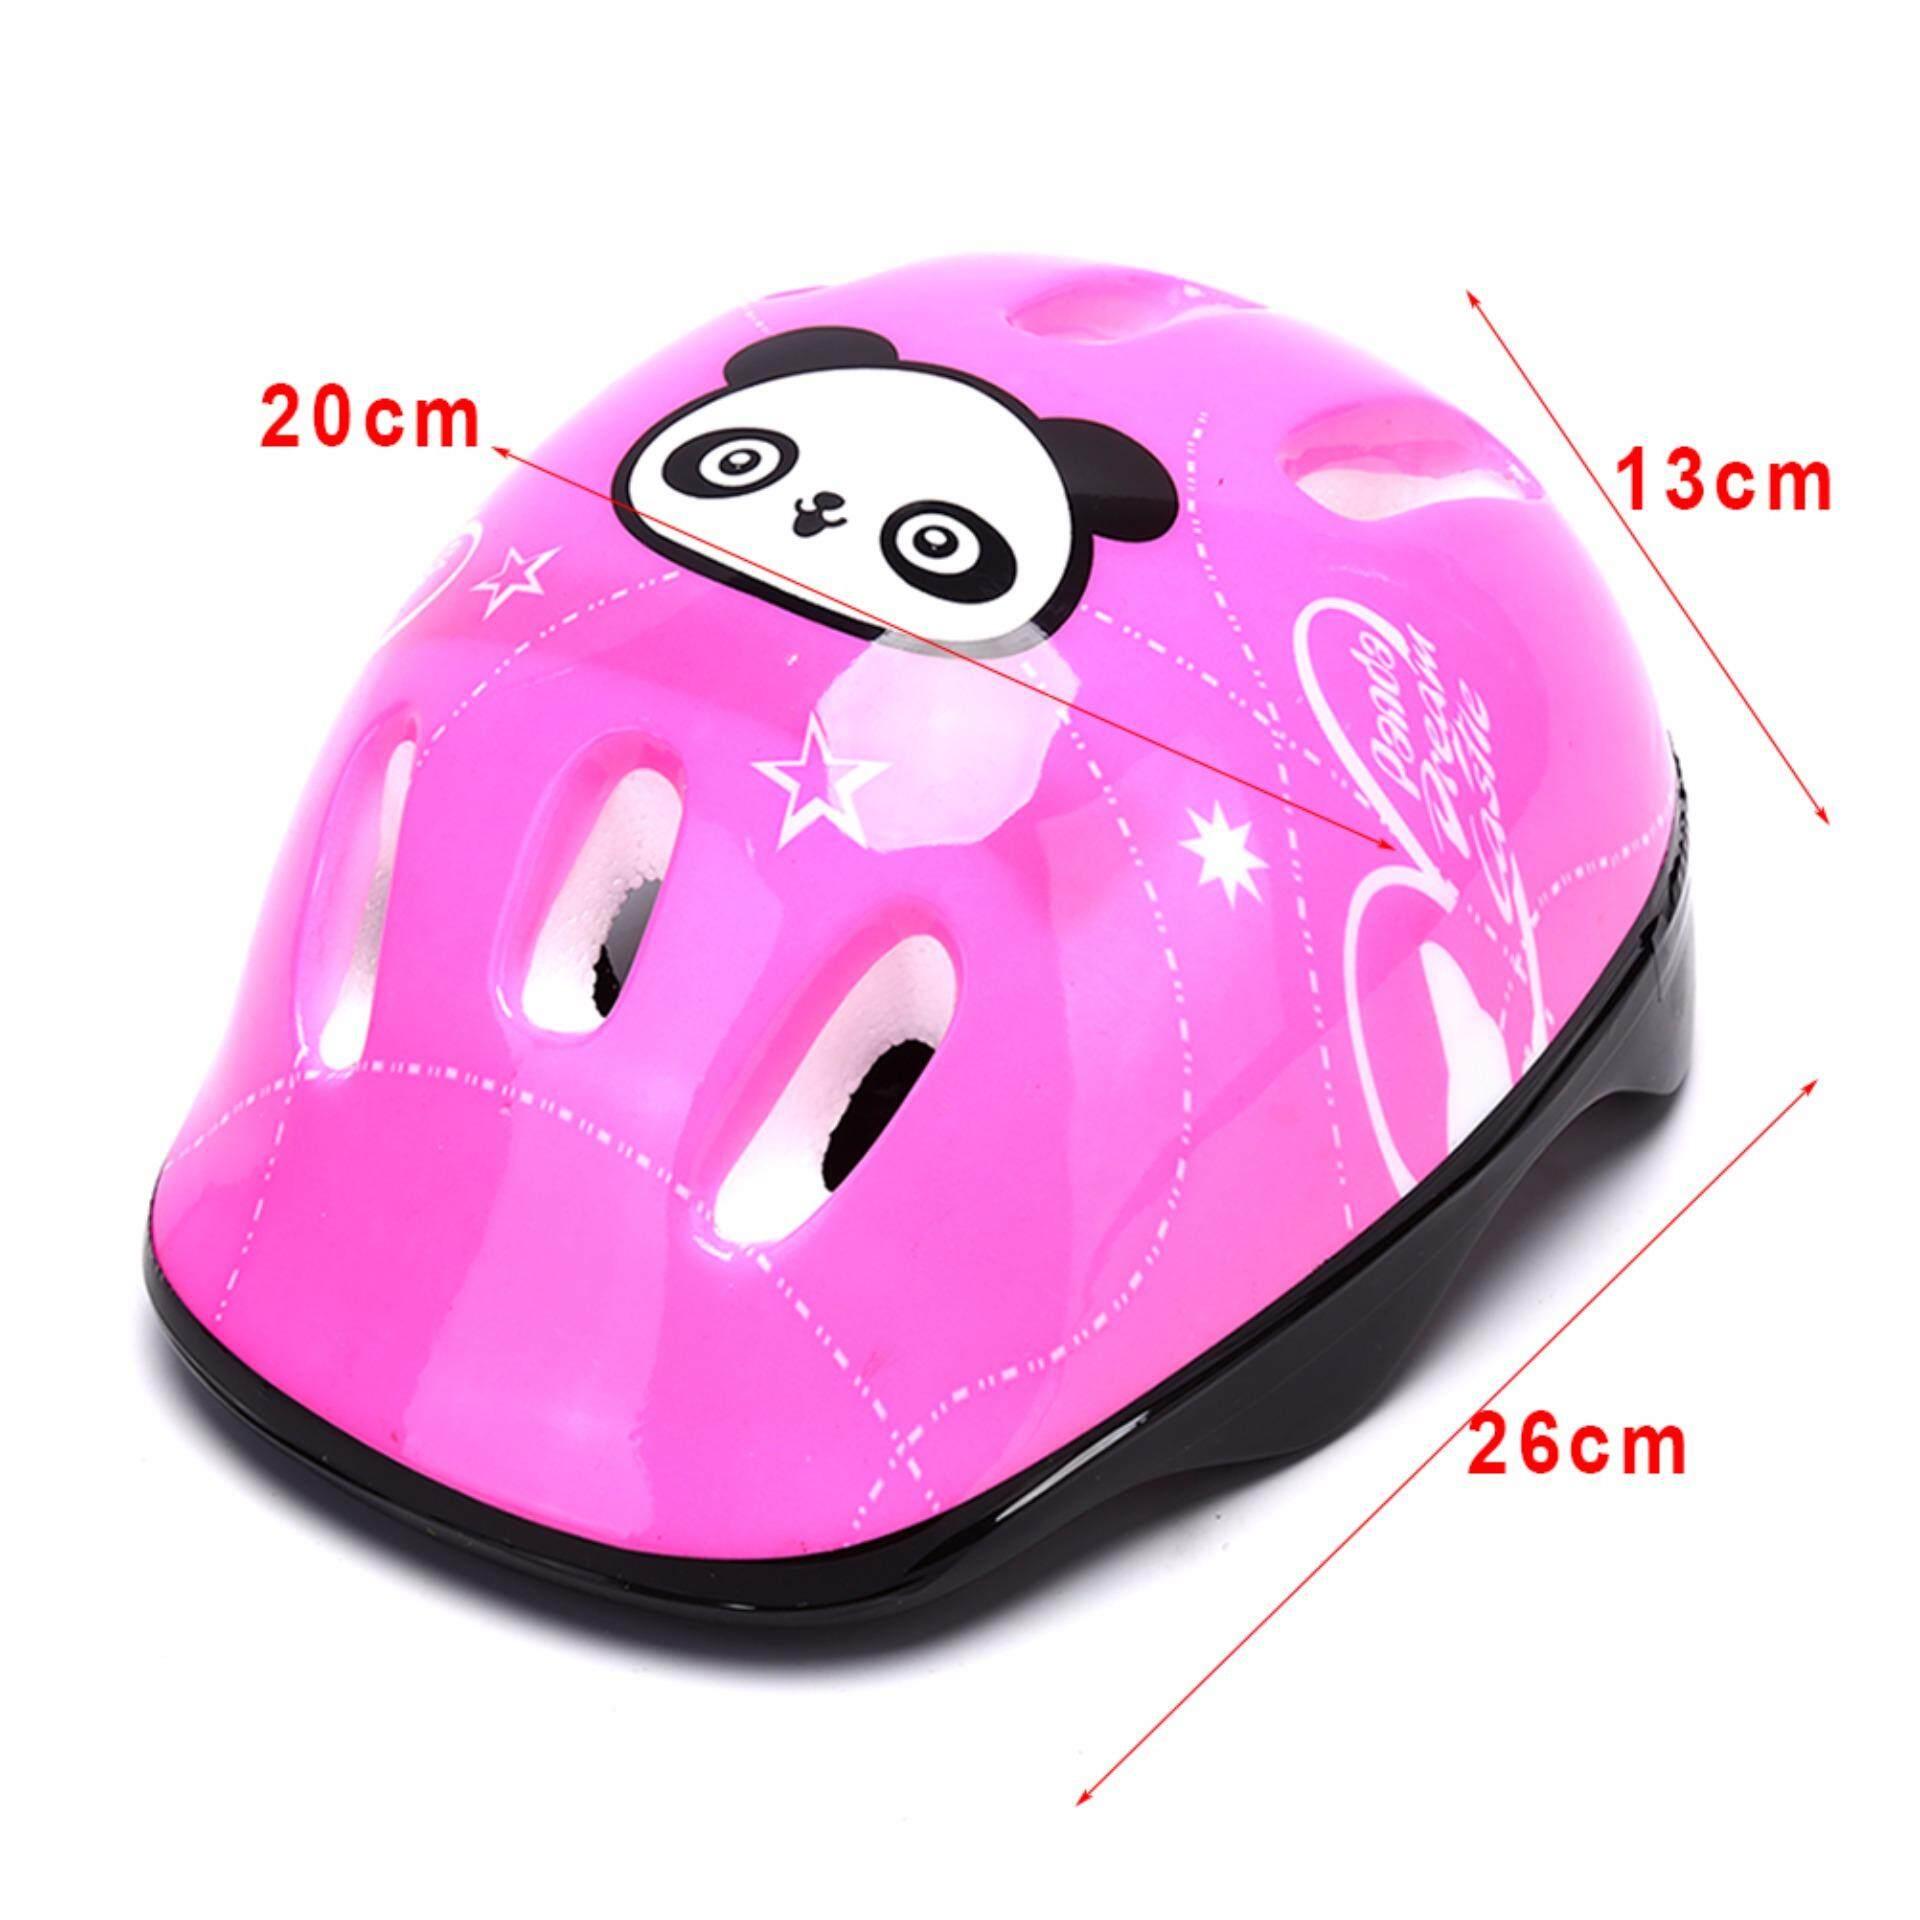 Rồng 7 cái/bộ Trẻ Em Trượt Băng Mũ Bảo Hiểm Bảo Vệ Khuỷu Tay Đầu Gối Đệm Lót Cổ Tay Trẻ Em - 6